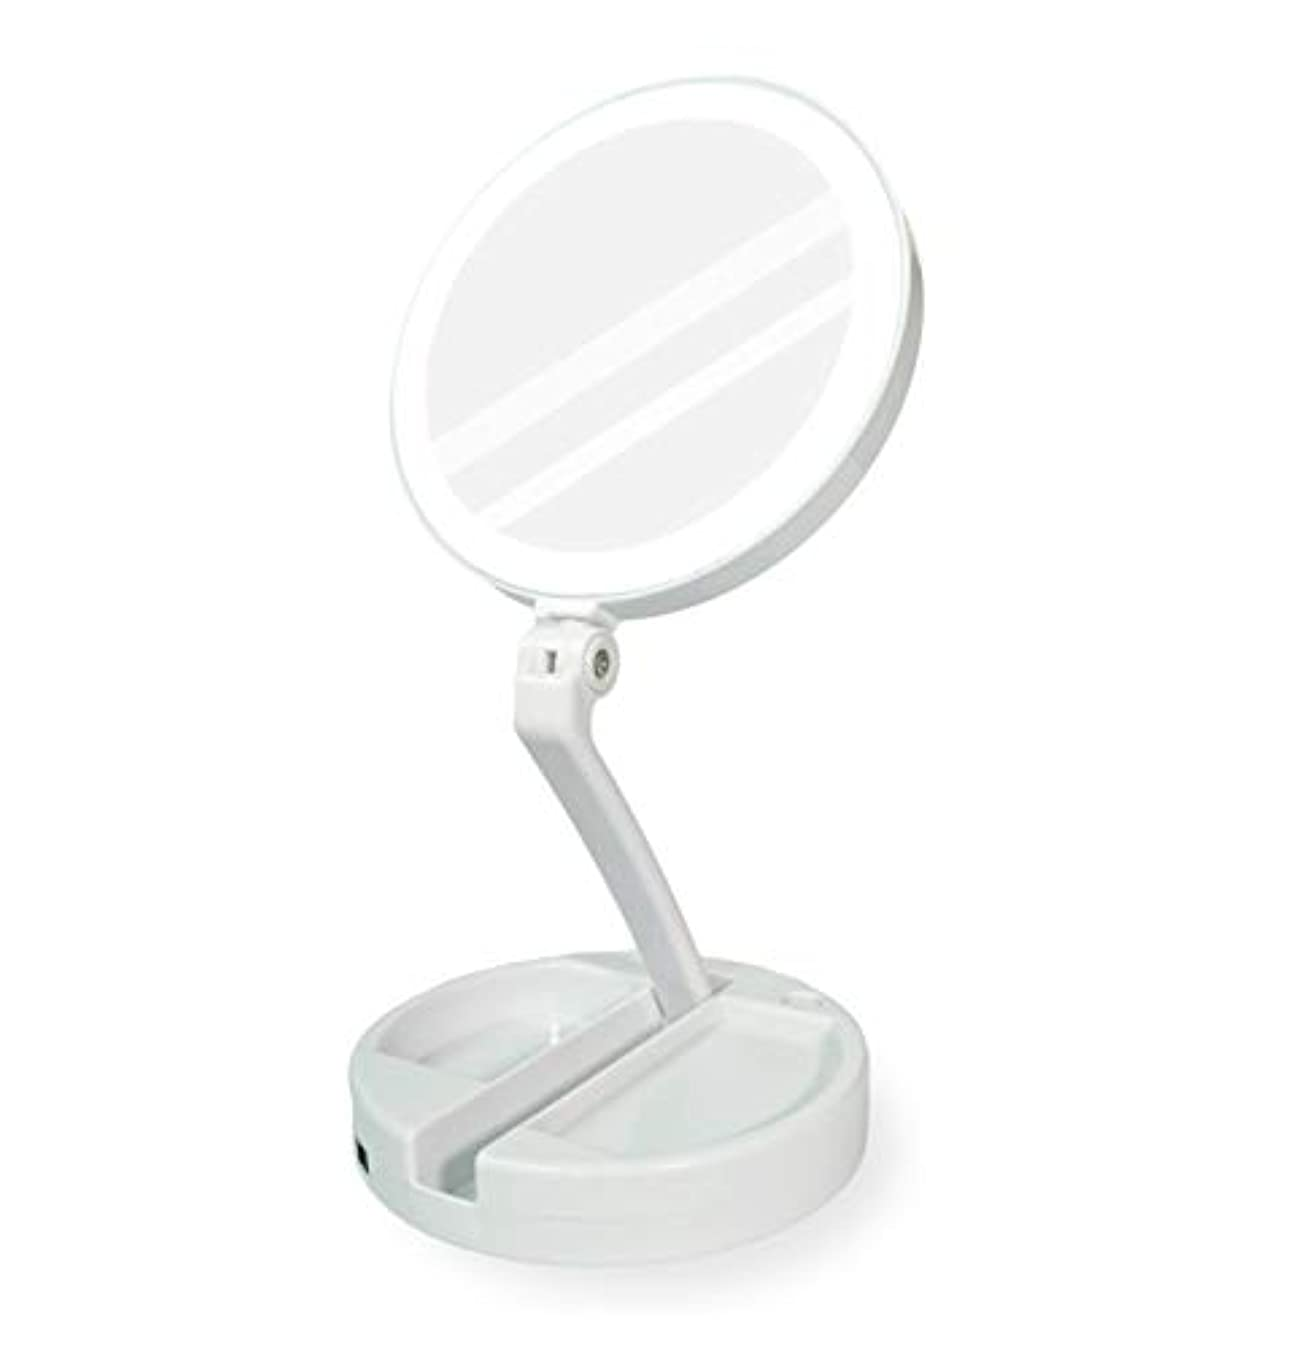 妻傀儡状YEEZEN 拡大鏡 化粧 無段調光 鏡 卓上 ライト付き拡大鏡 化粧鏡 等倍と10倍拡大 ライトつきミラー 折りたたみ式 360°回転 収納しやすい 鏡 led 拡大ミラー(最新モデル)